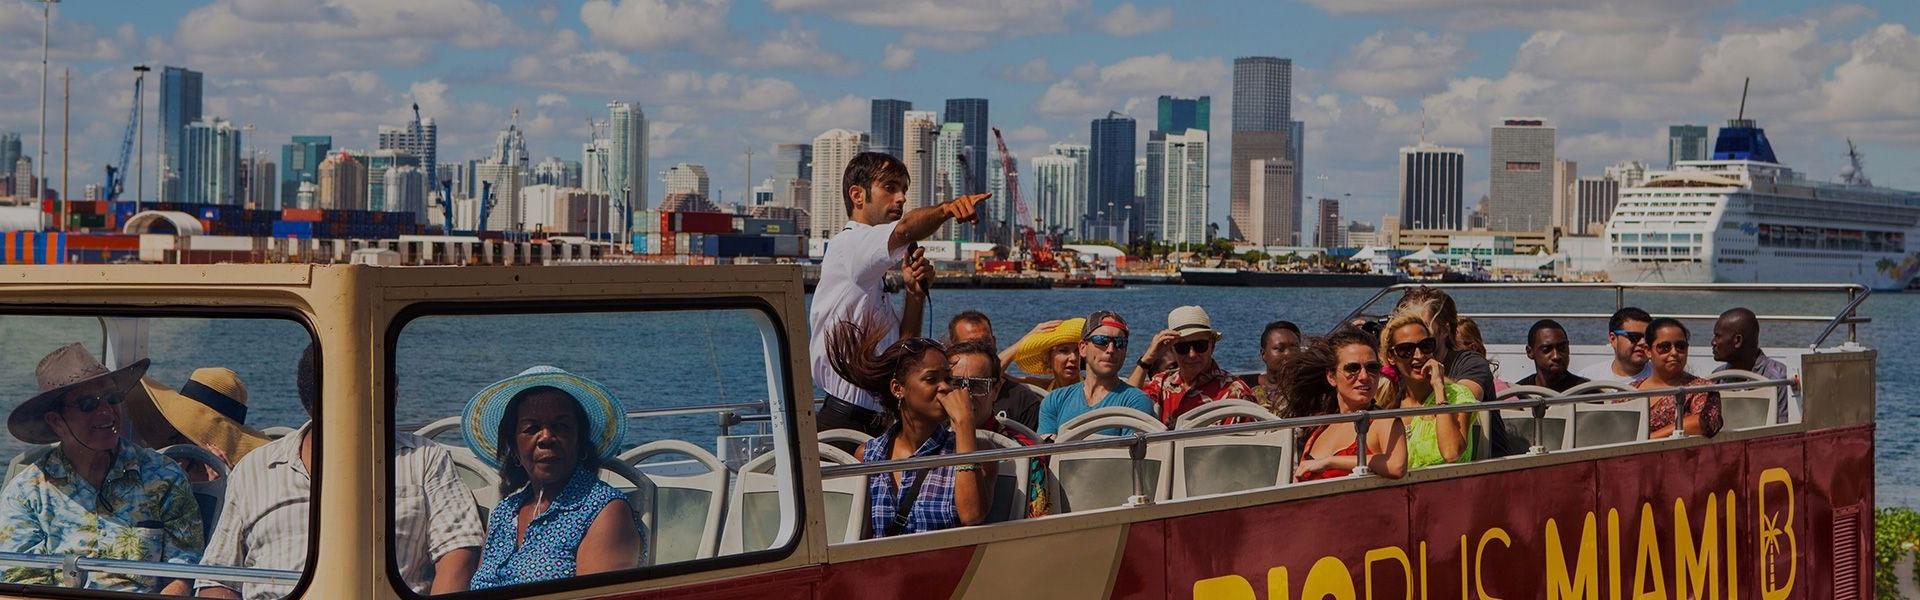 Miami Routen & Karten | Miami Sightseeing | Big Bus Tours throughout Big Bus Miami Map